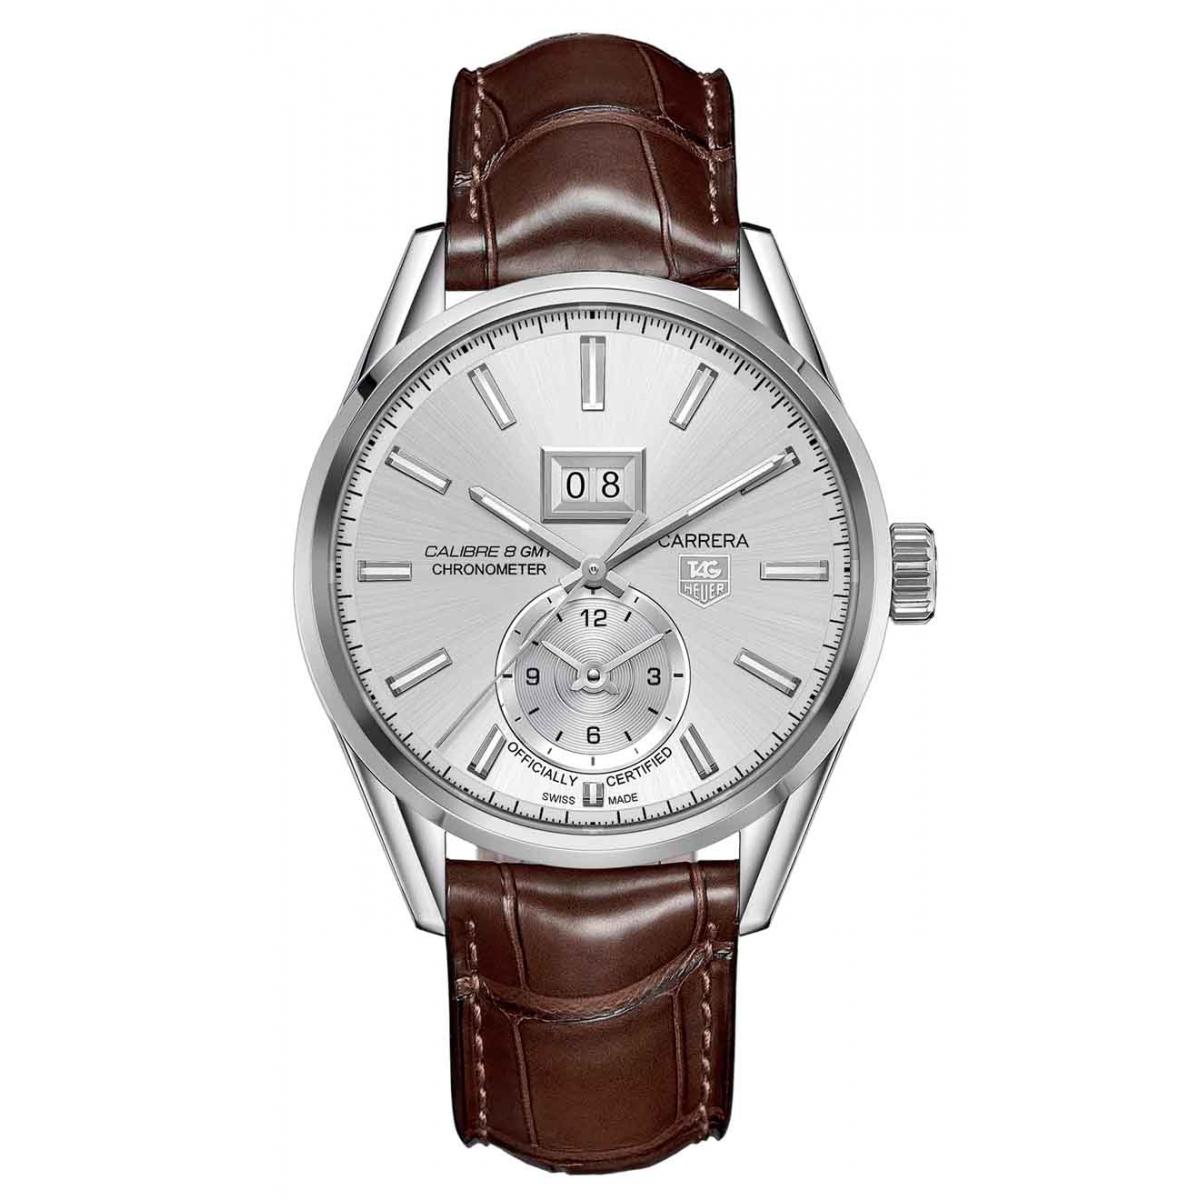 CARRERA Calibre 8 GMT Reloj automático 100 M - ∅41 mm Correa Piel